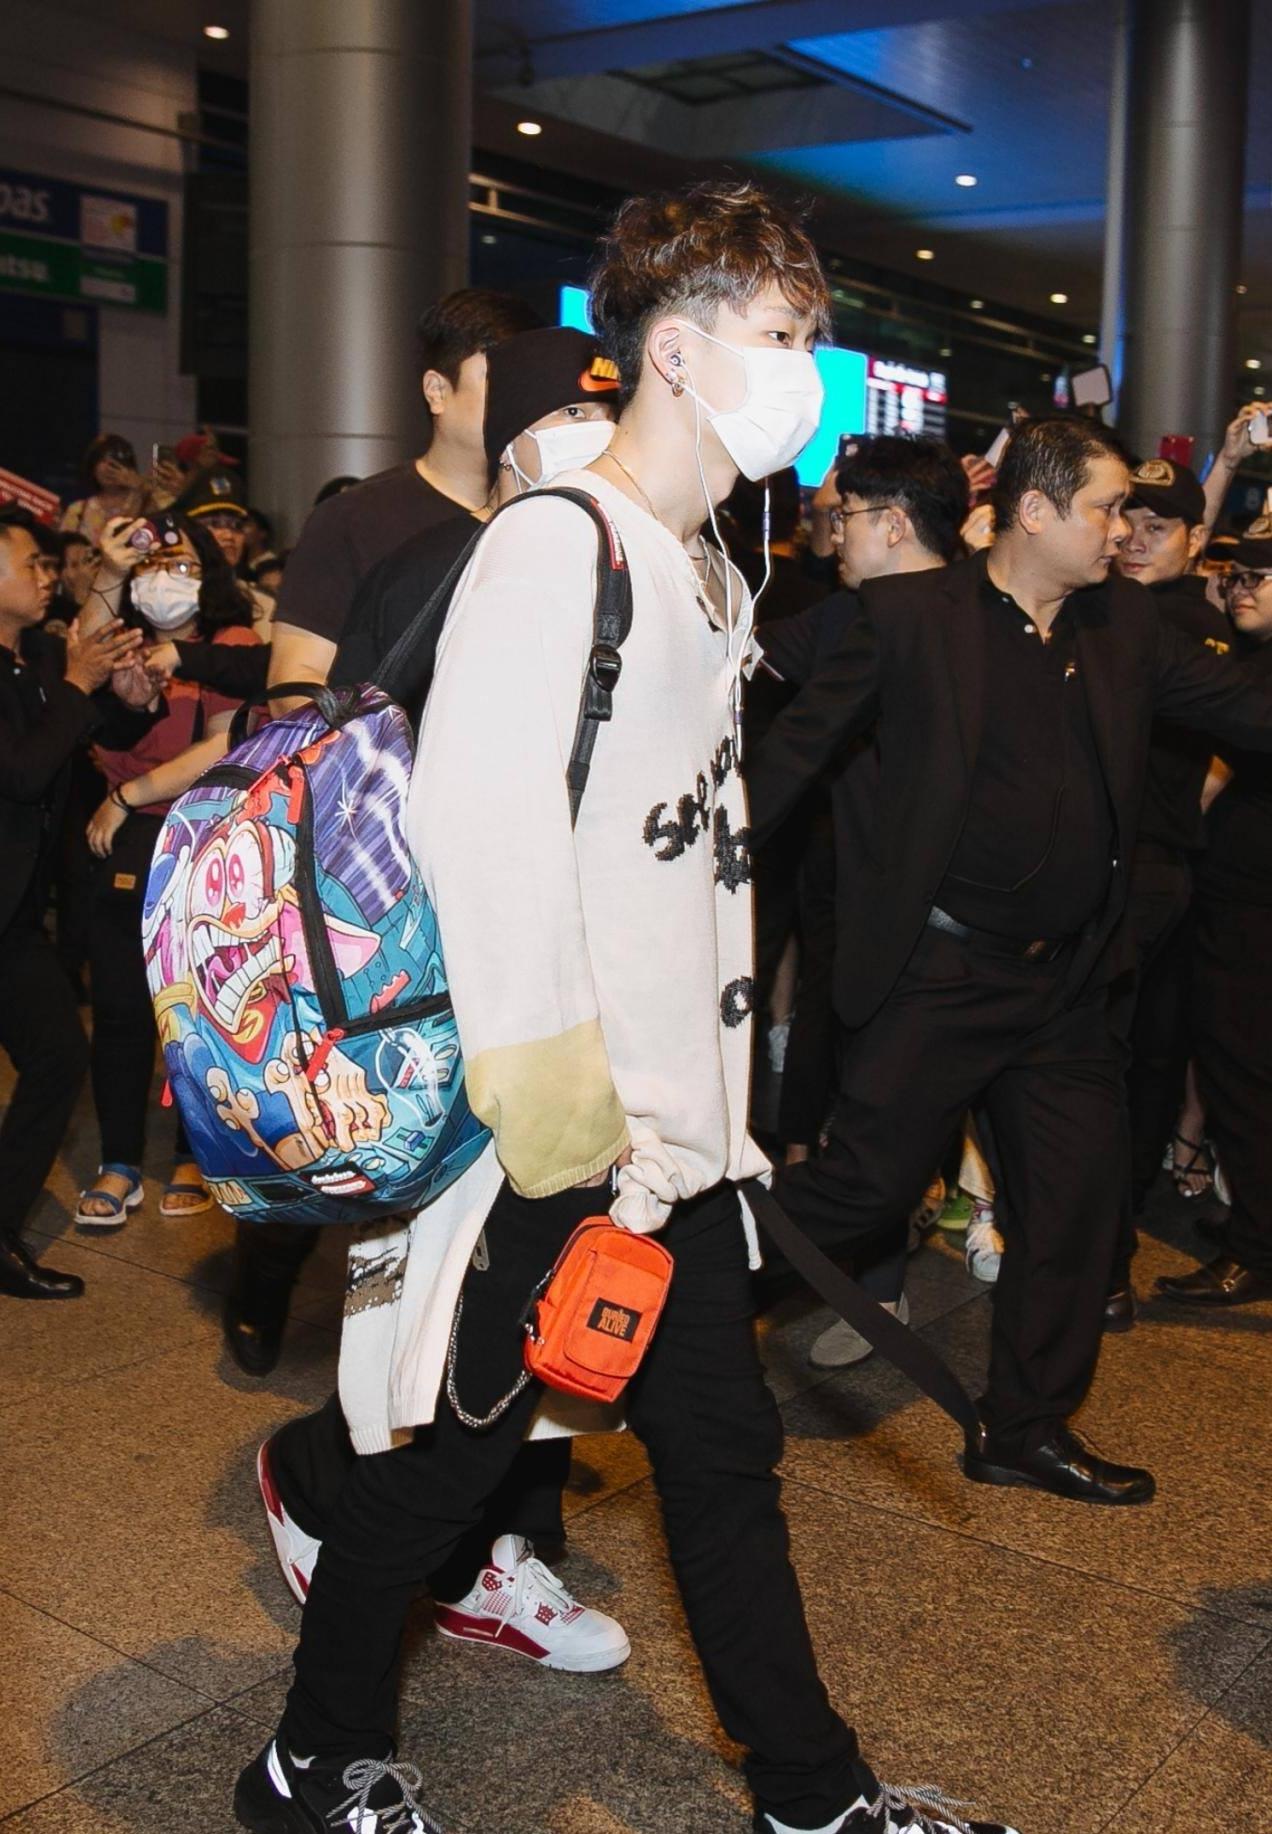 iKON xuất hiện chớp nhoáng tại sân bay Tân Sơn nhất, cực sang chảnh giữa biển người hâm mộ   - Ảnh 12